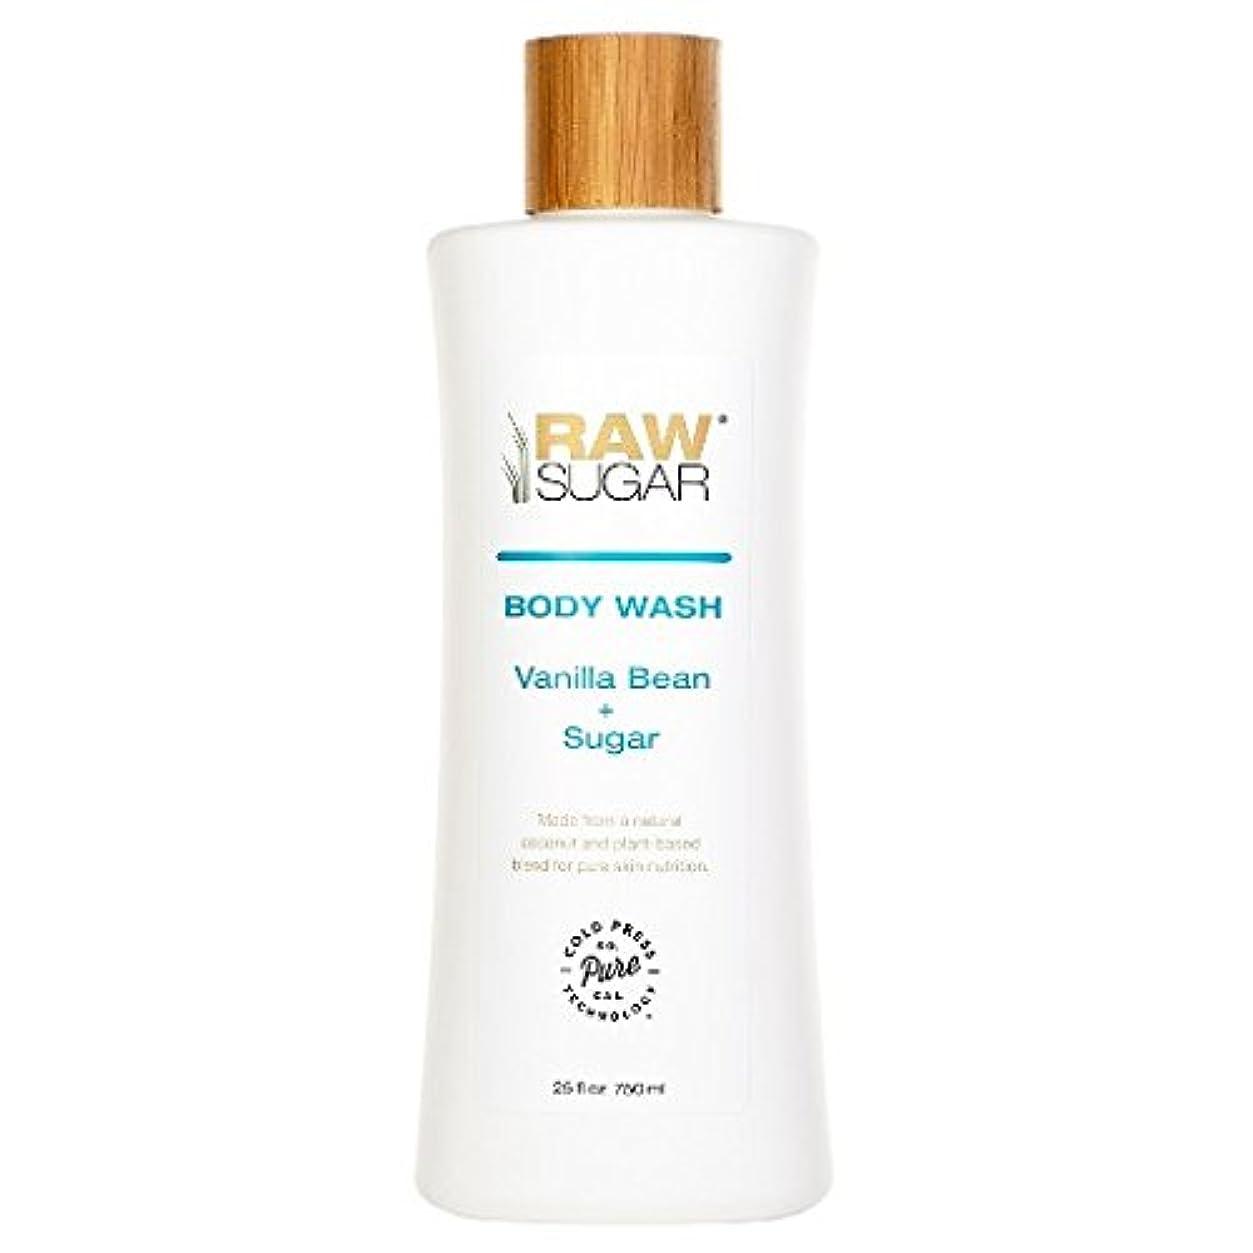 真面目な一族宇宙飛行士RAWTM Sugar Awash in Expectation Vanilla Bean+Sugar Body Wash - 25 oz by raw